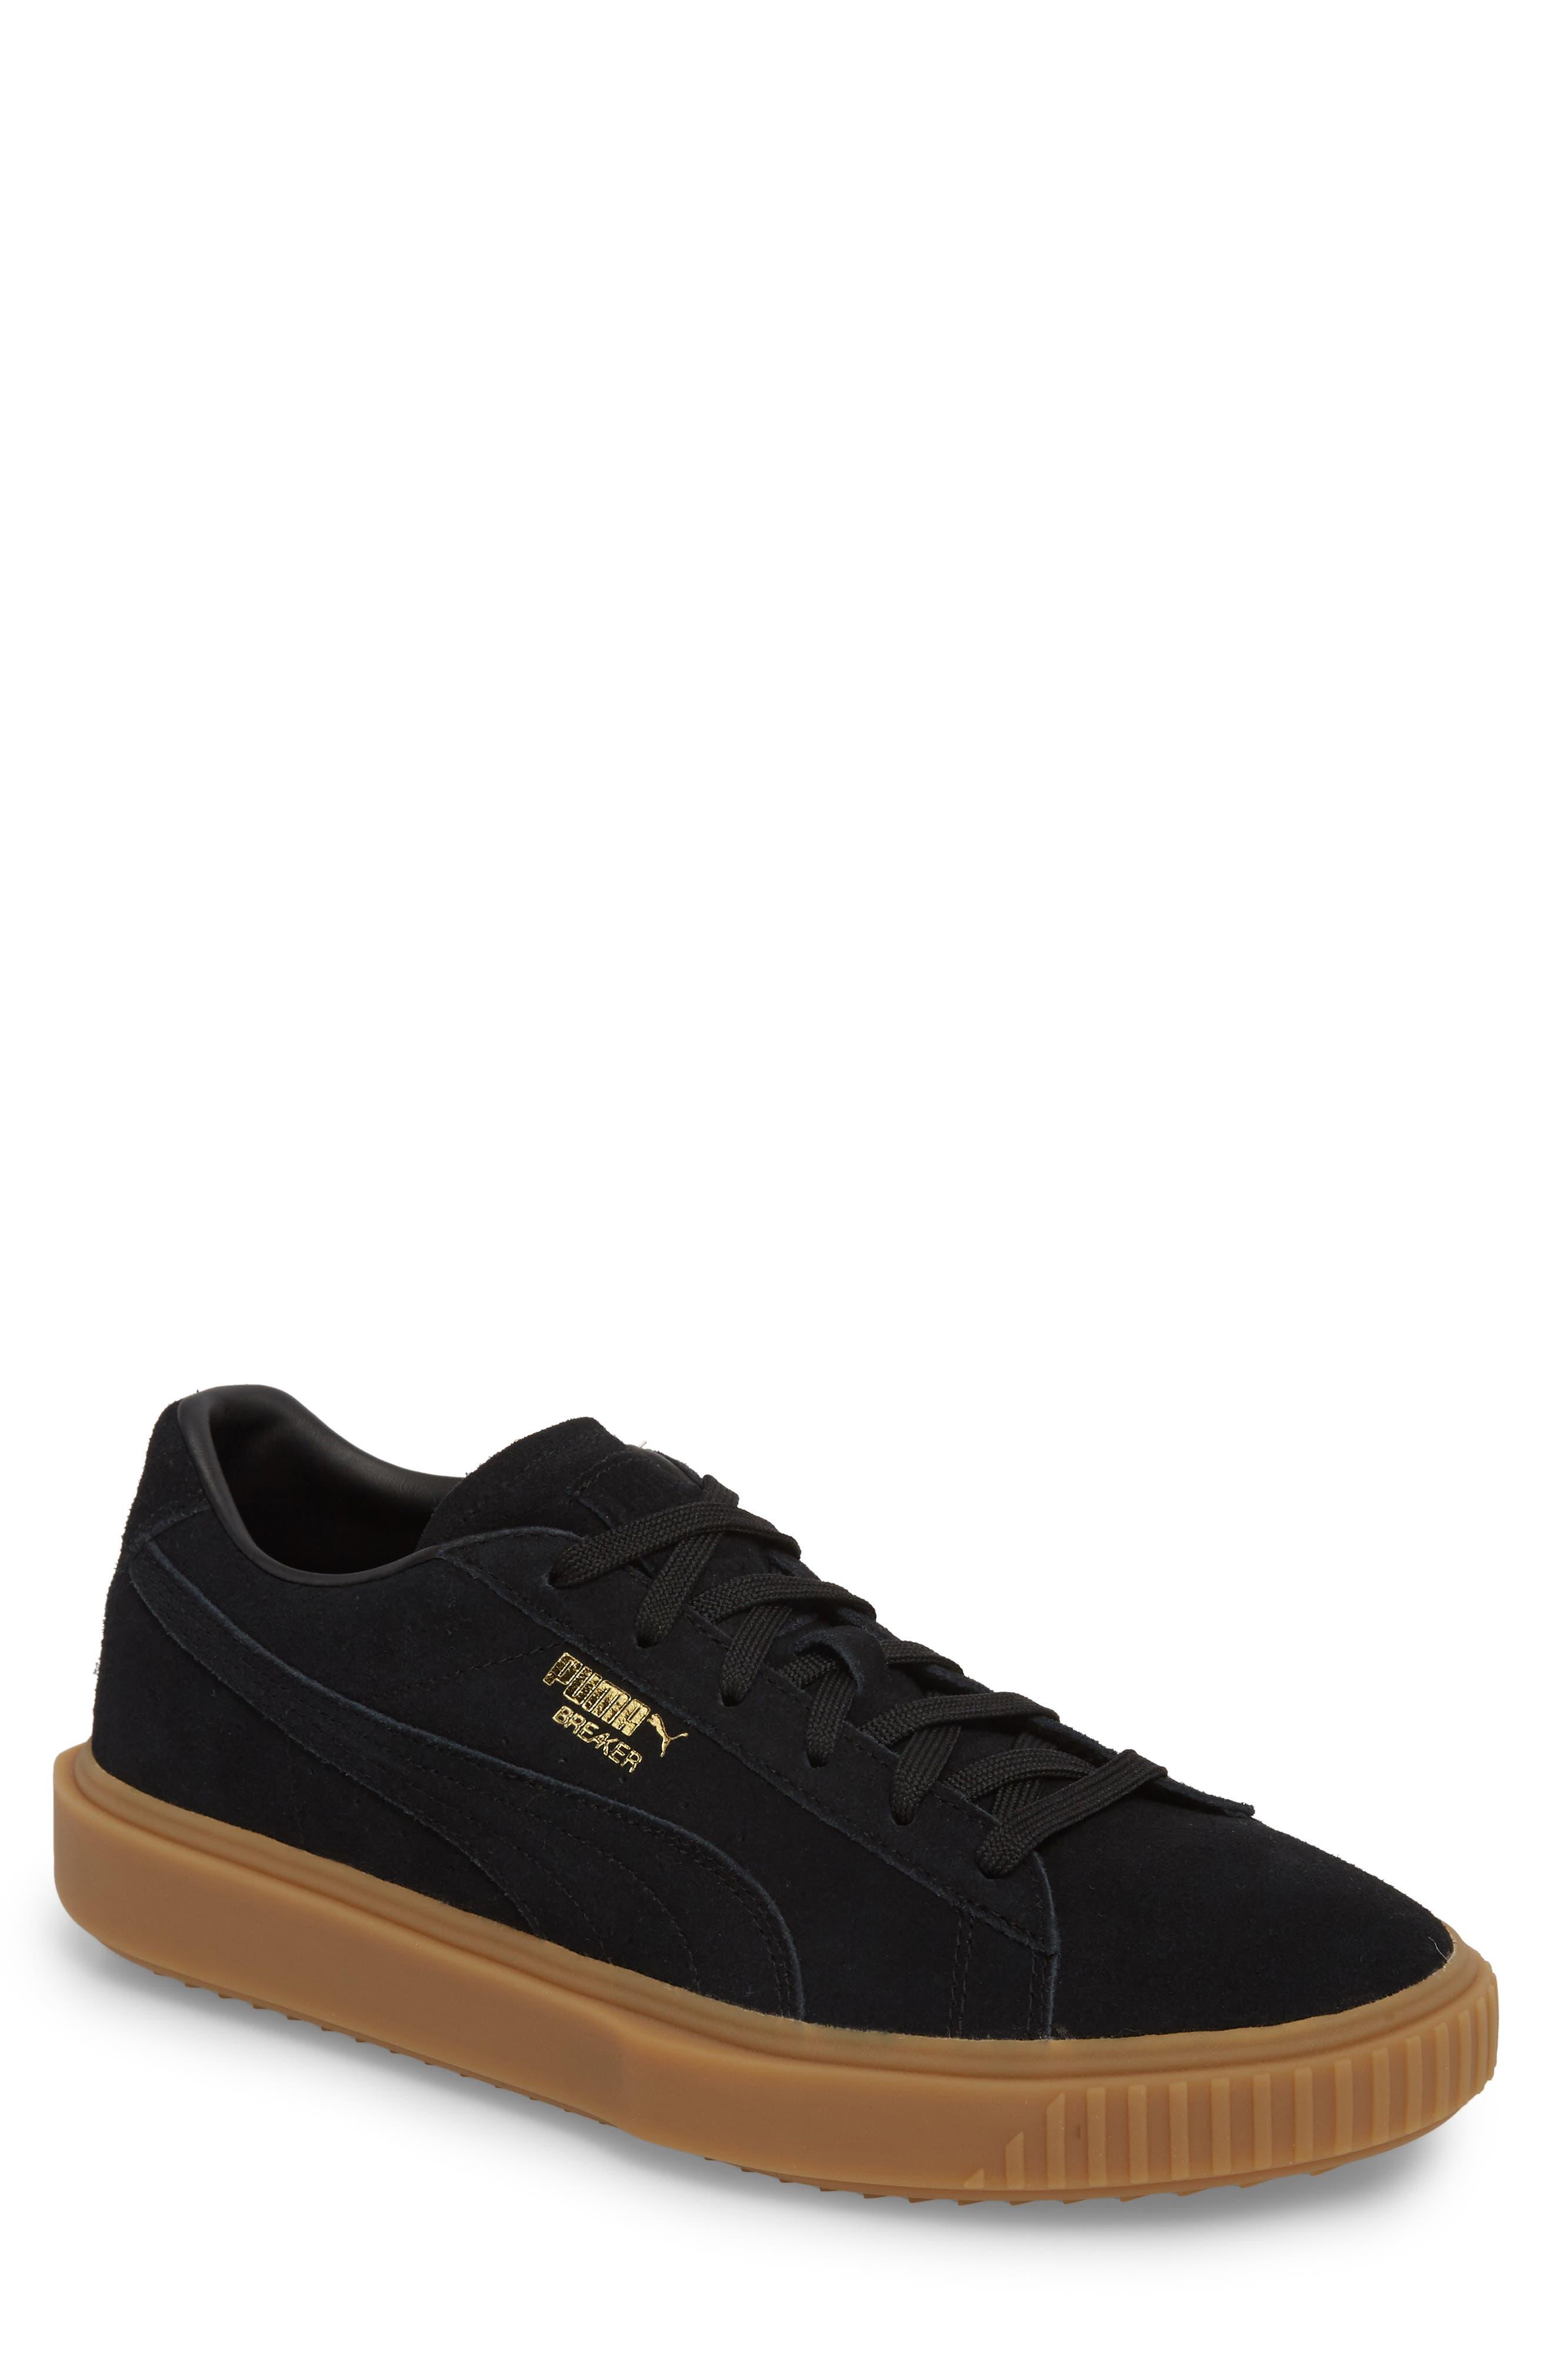 Breaker Suede Gum Low Top Sneaker,                             Main thumbnail 1, color,